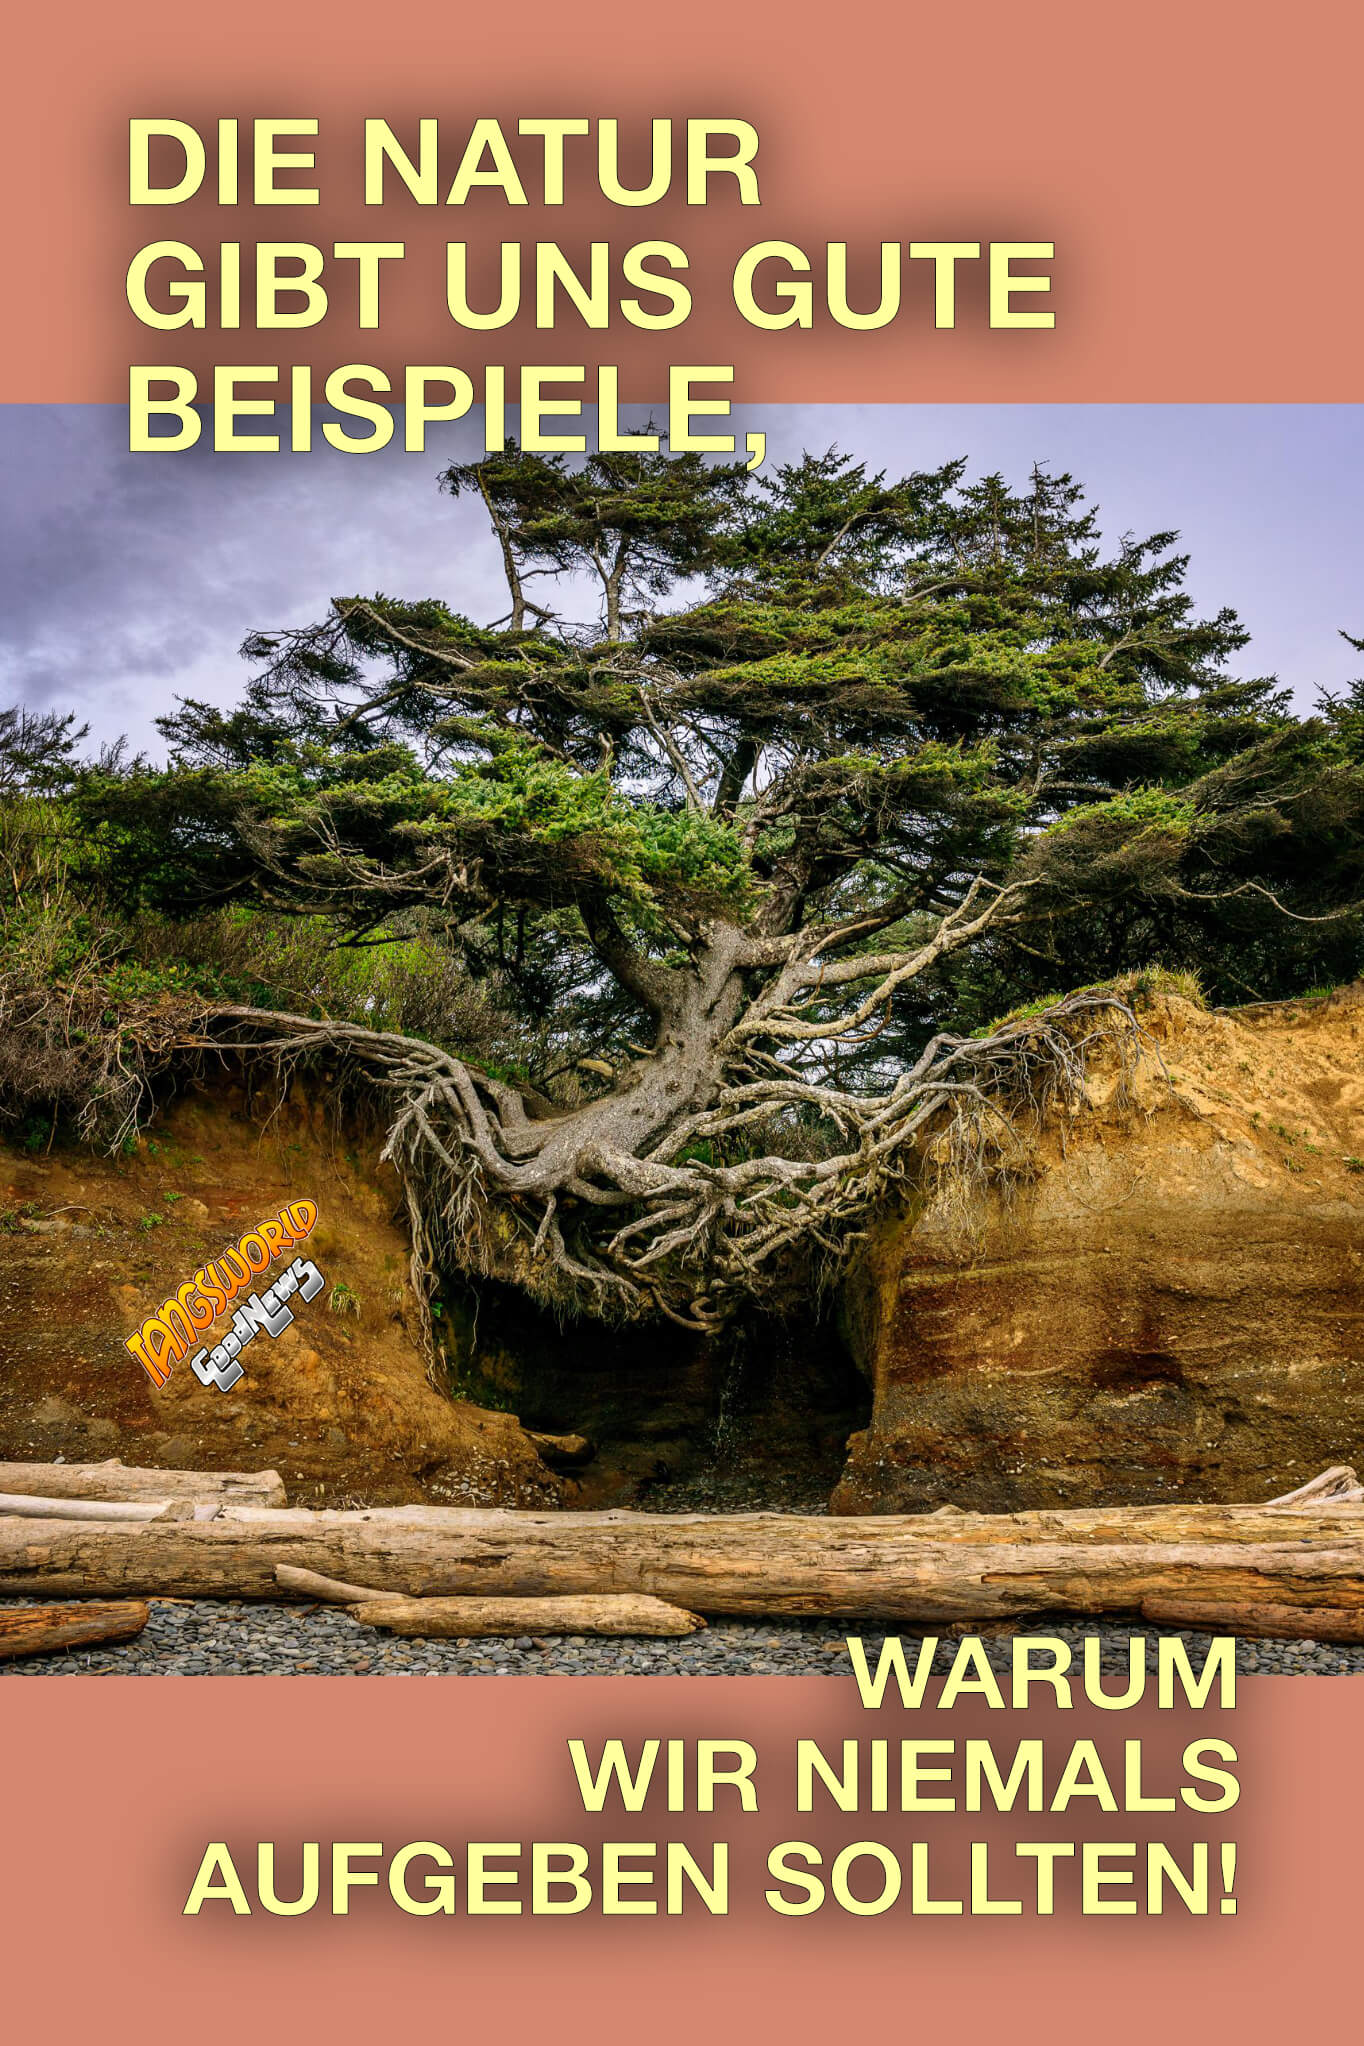 Die Natur gibt uns gute Beispiele, warum wir niemals aufgeben sollten! - GoodNews